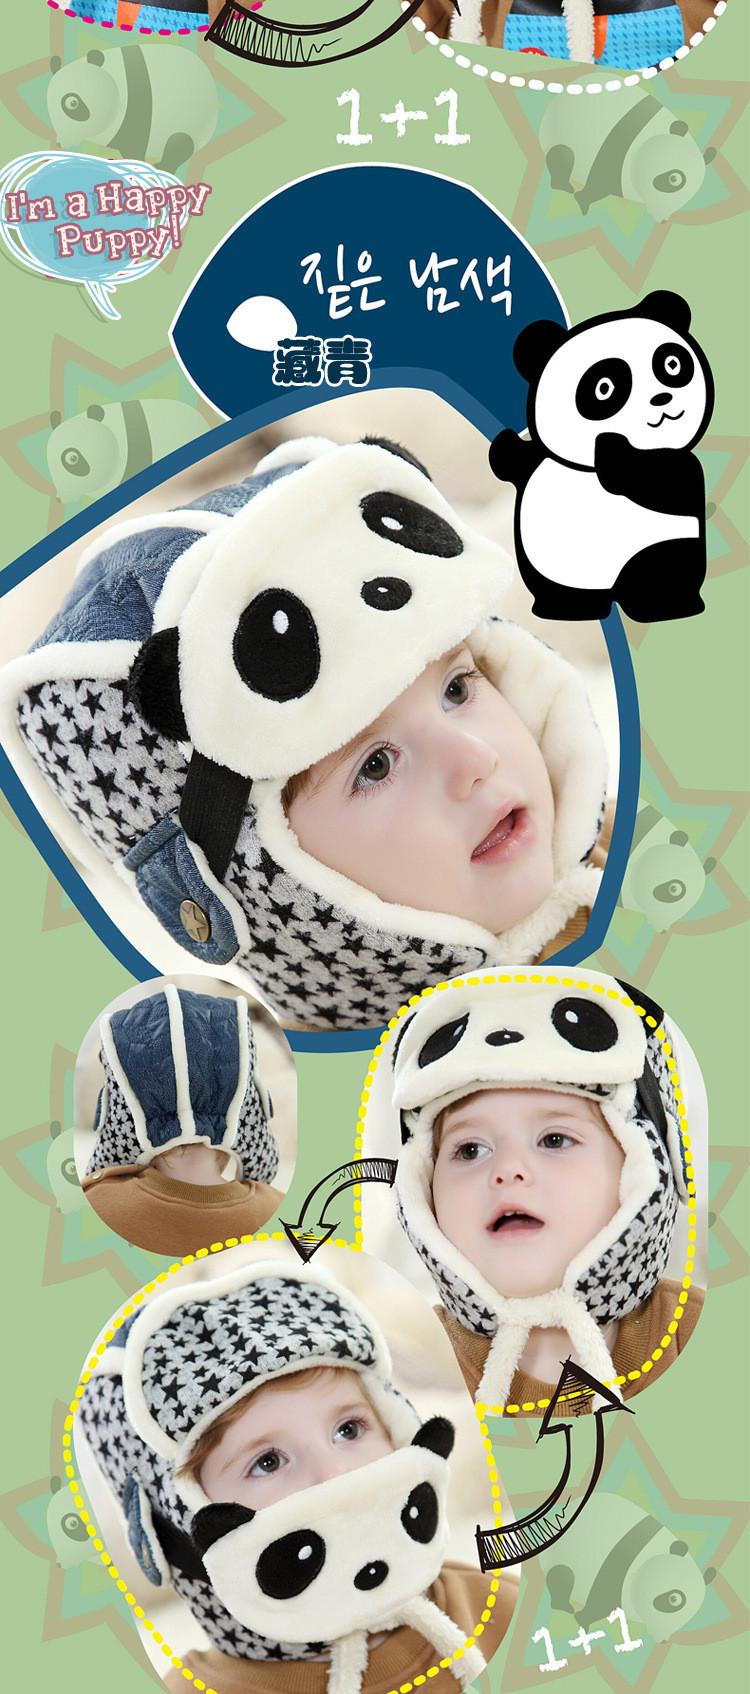 艾凝雪 爱凝雪秋冬针织帽宝宝卡通熊猫雷锋帽儿童口罩